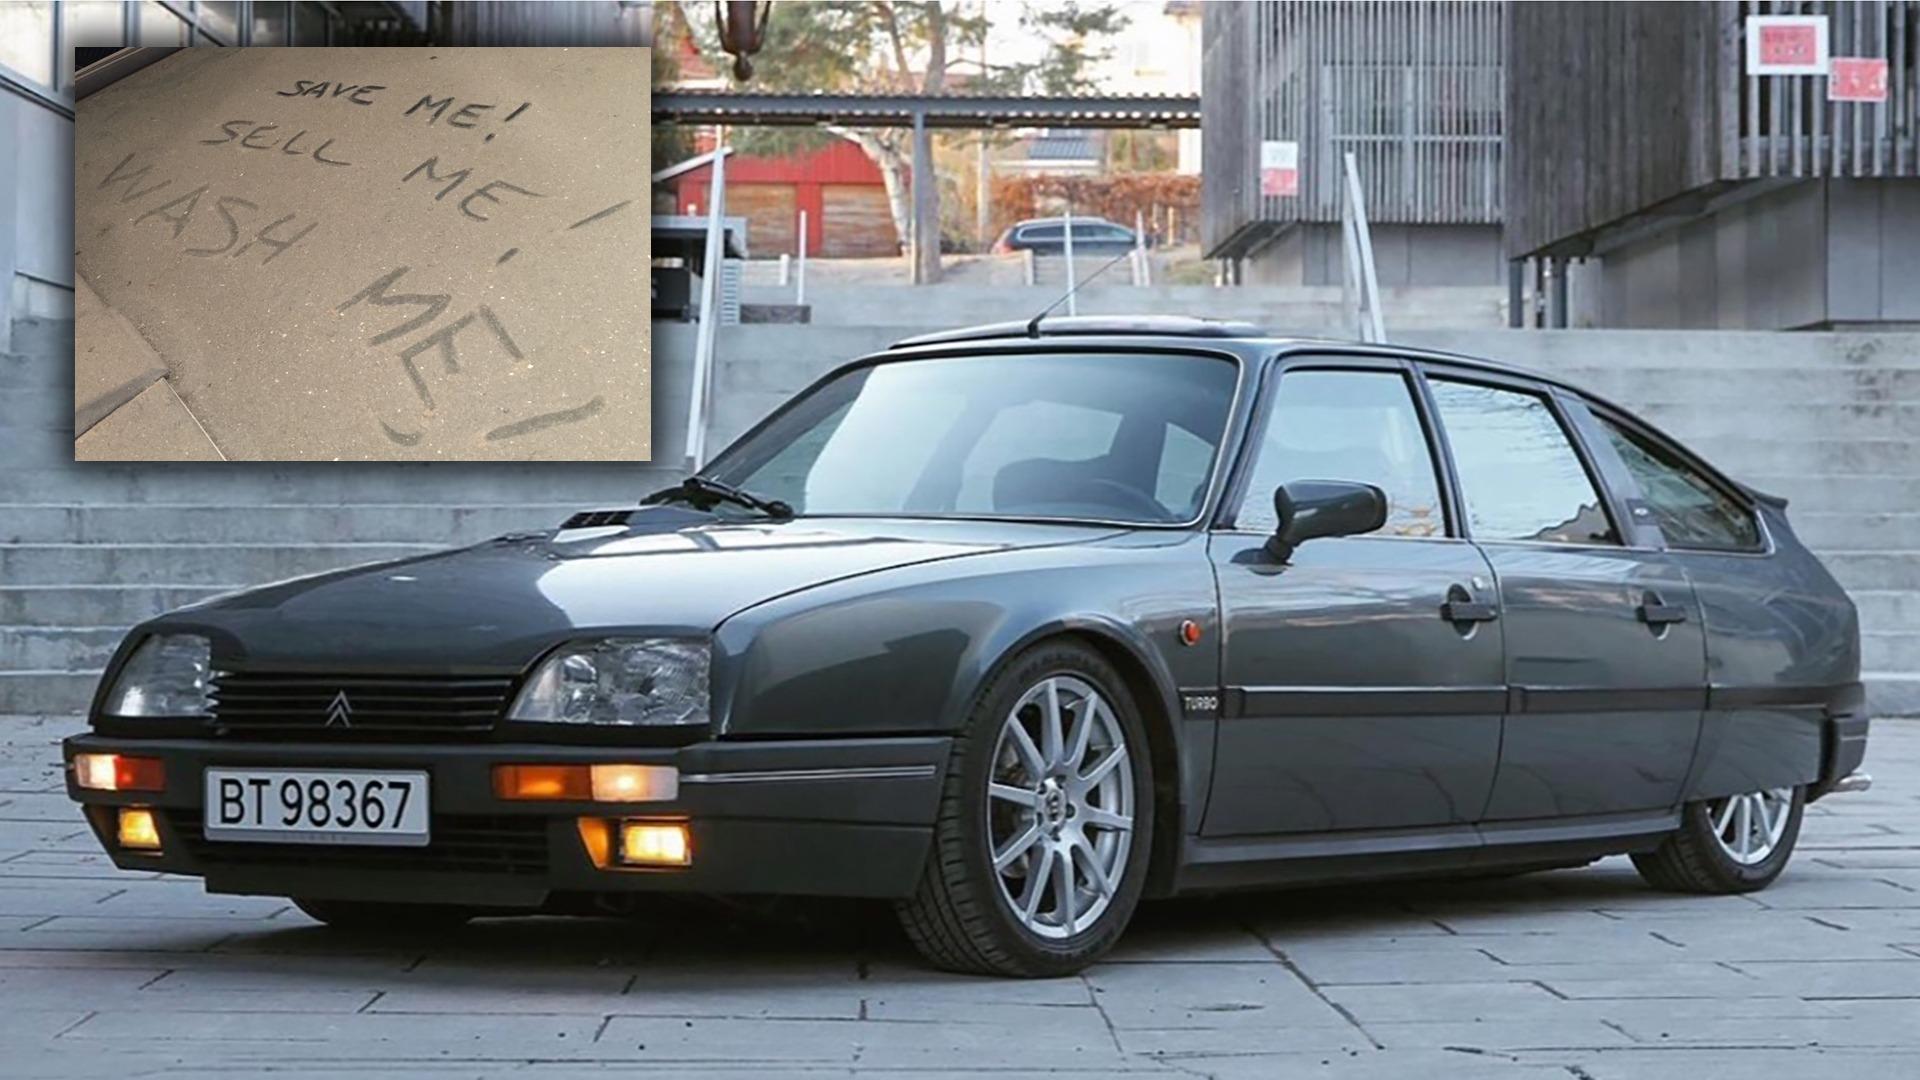 Ukas bil – Yankee CXen/Låvebilen – 1986 Citroën CX 25 GTI Turbo